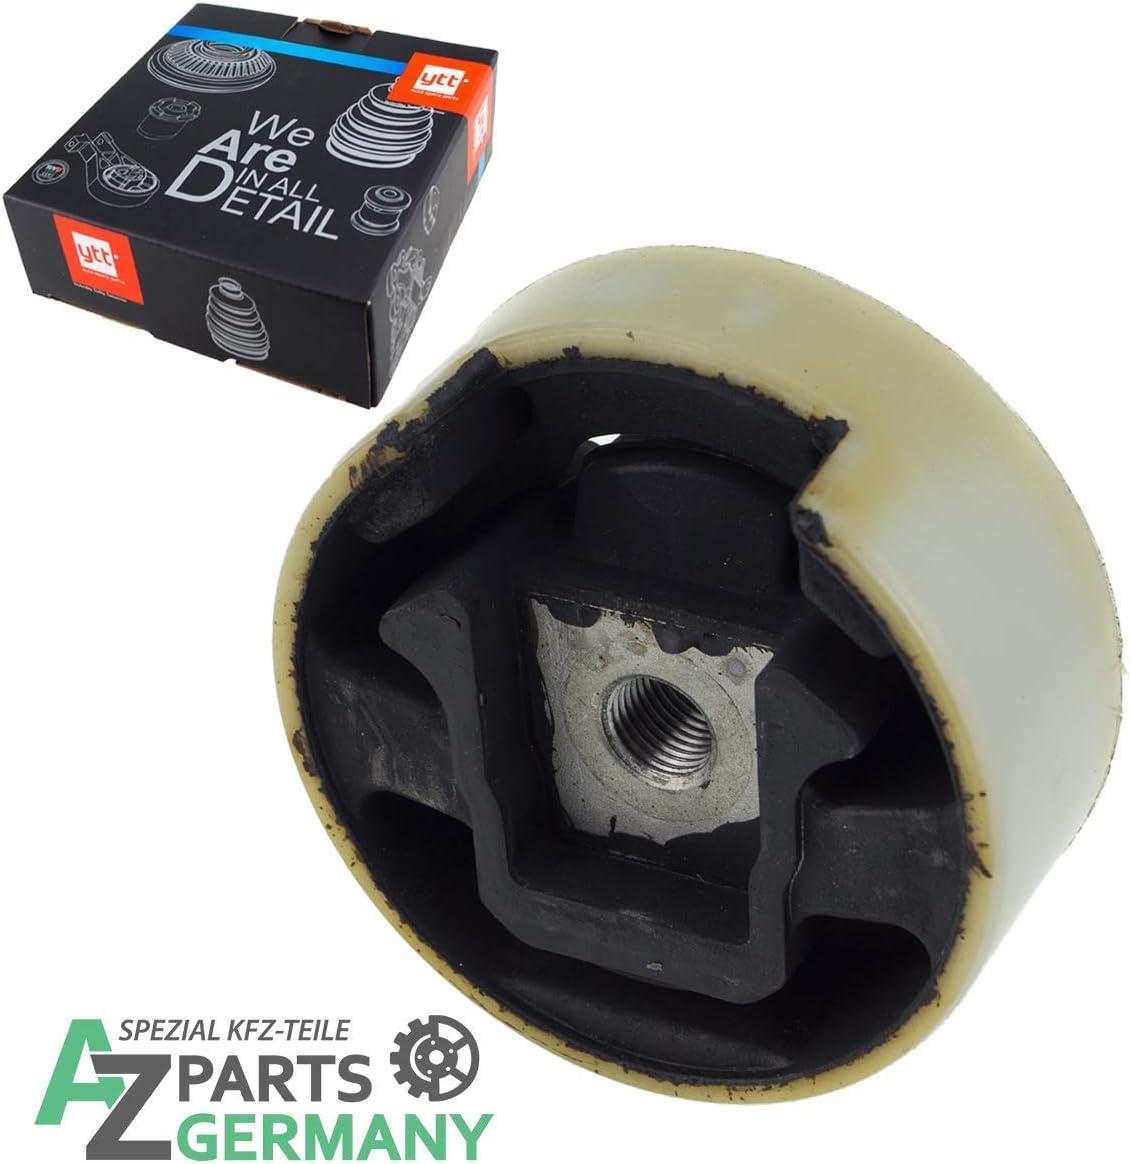 YTT 02964 Support de moteur pour montage en haut du moteur 22768 1K0199313AQ 1K0199313AS 1K0199868 1K0199868A